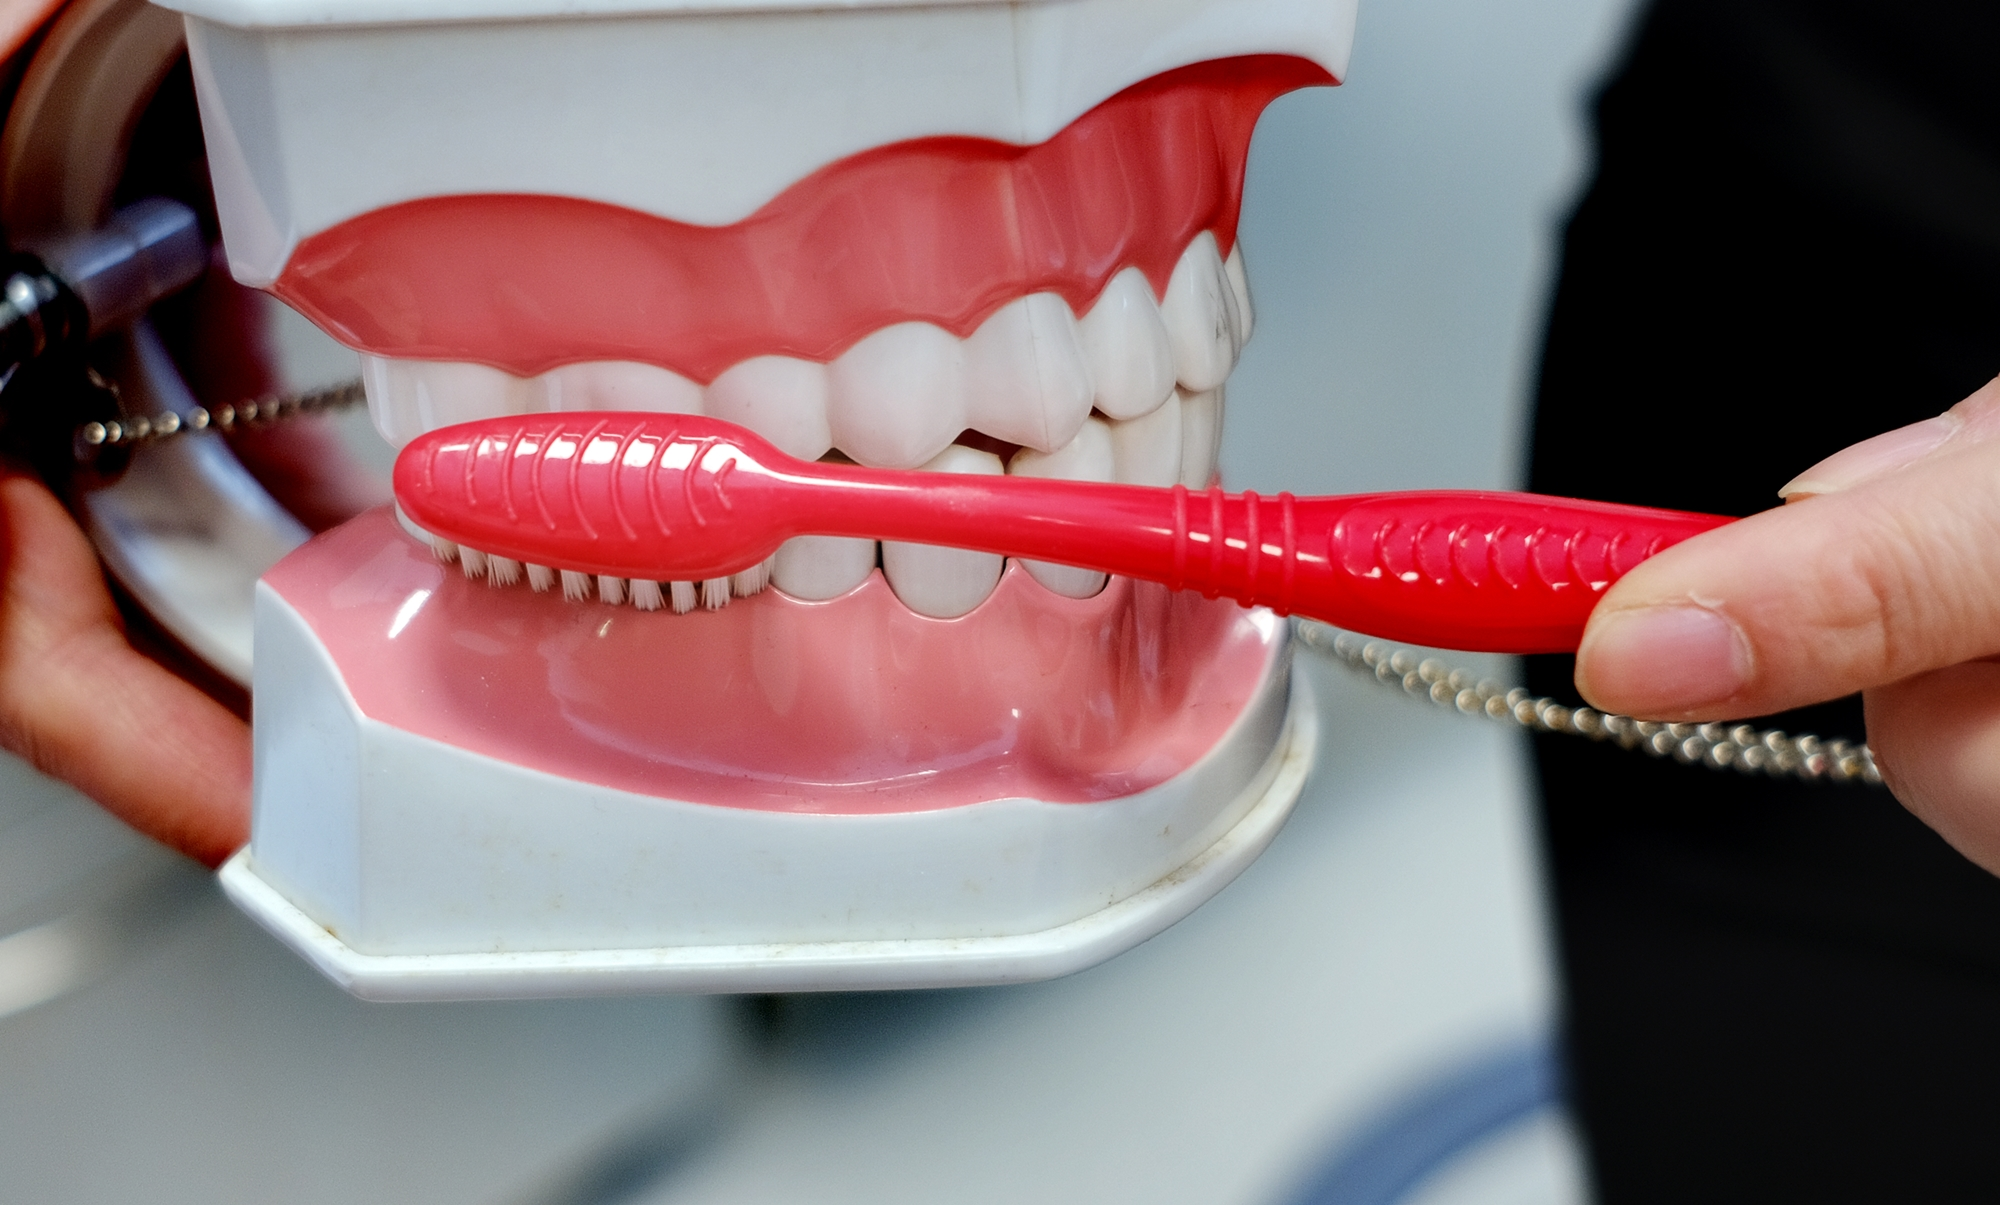 刷牙时力度不要太大力,牙龈和牙齿间用牙刷轻刷干净,能保护牙龈的健康。